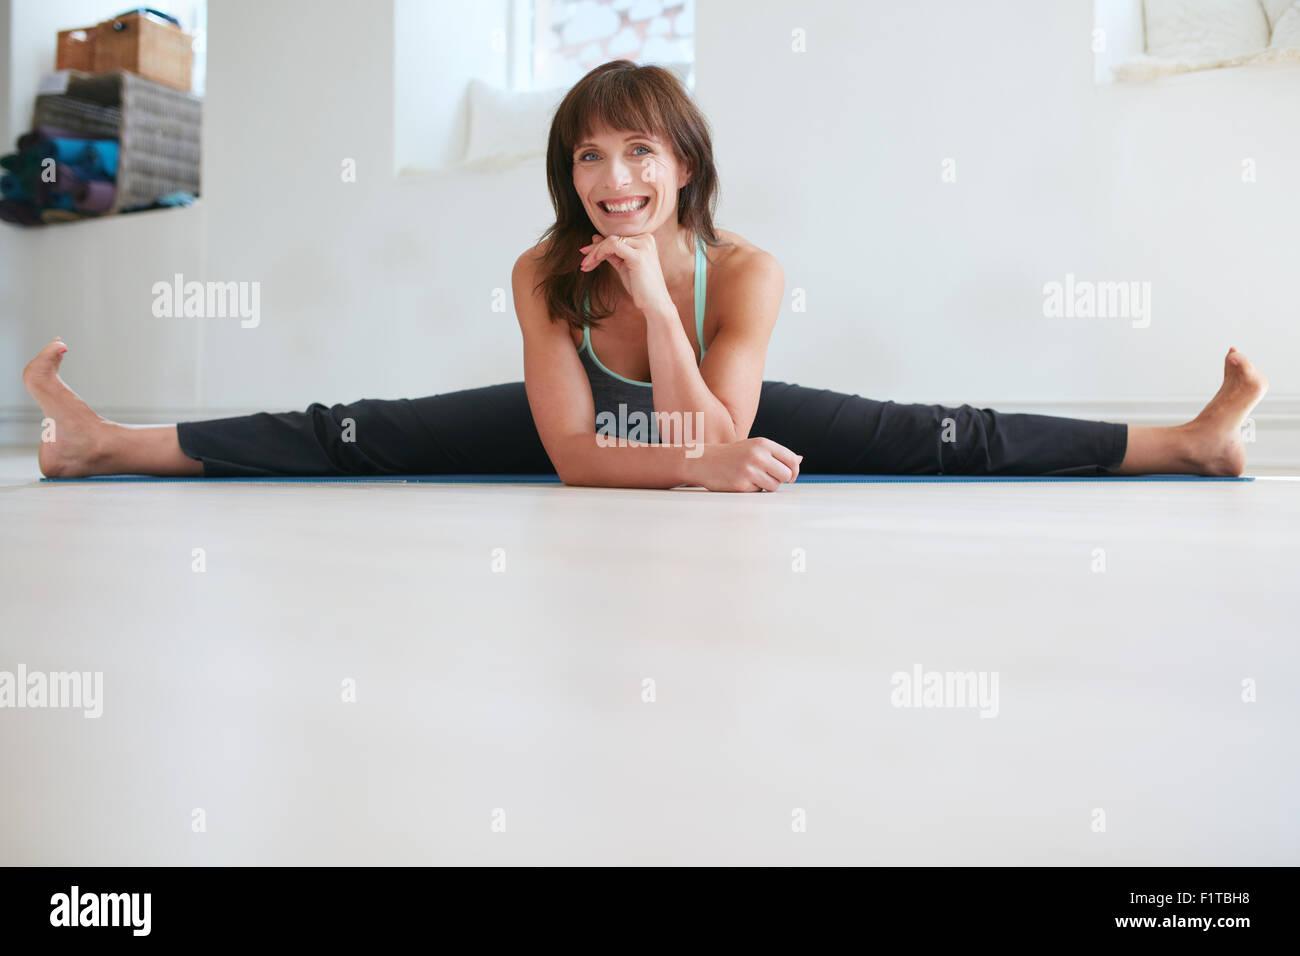 Donna felice facendo ampio angolo seduti piegare in avanti lo yoga presso la palestra. Femmina Fitness pratica Upavistha Immagini Stock